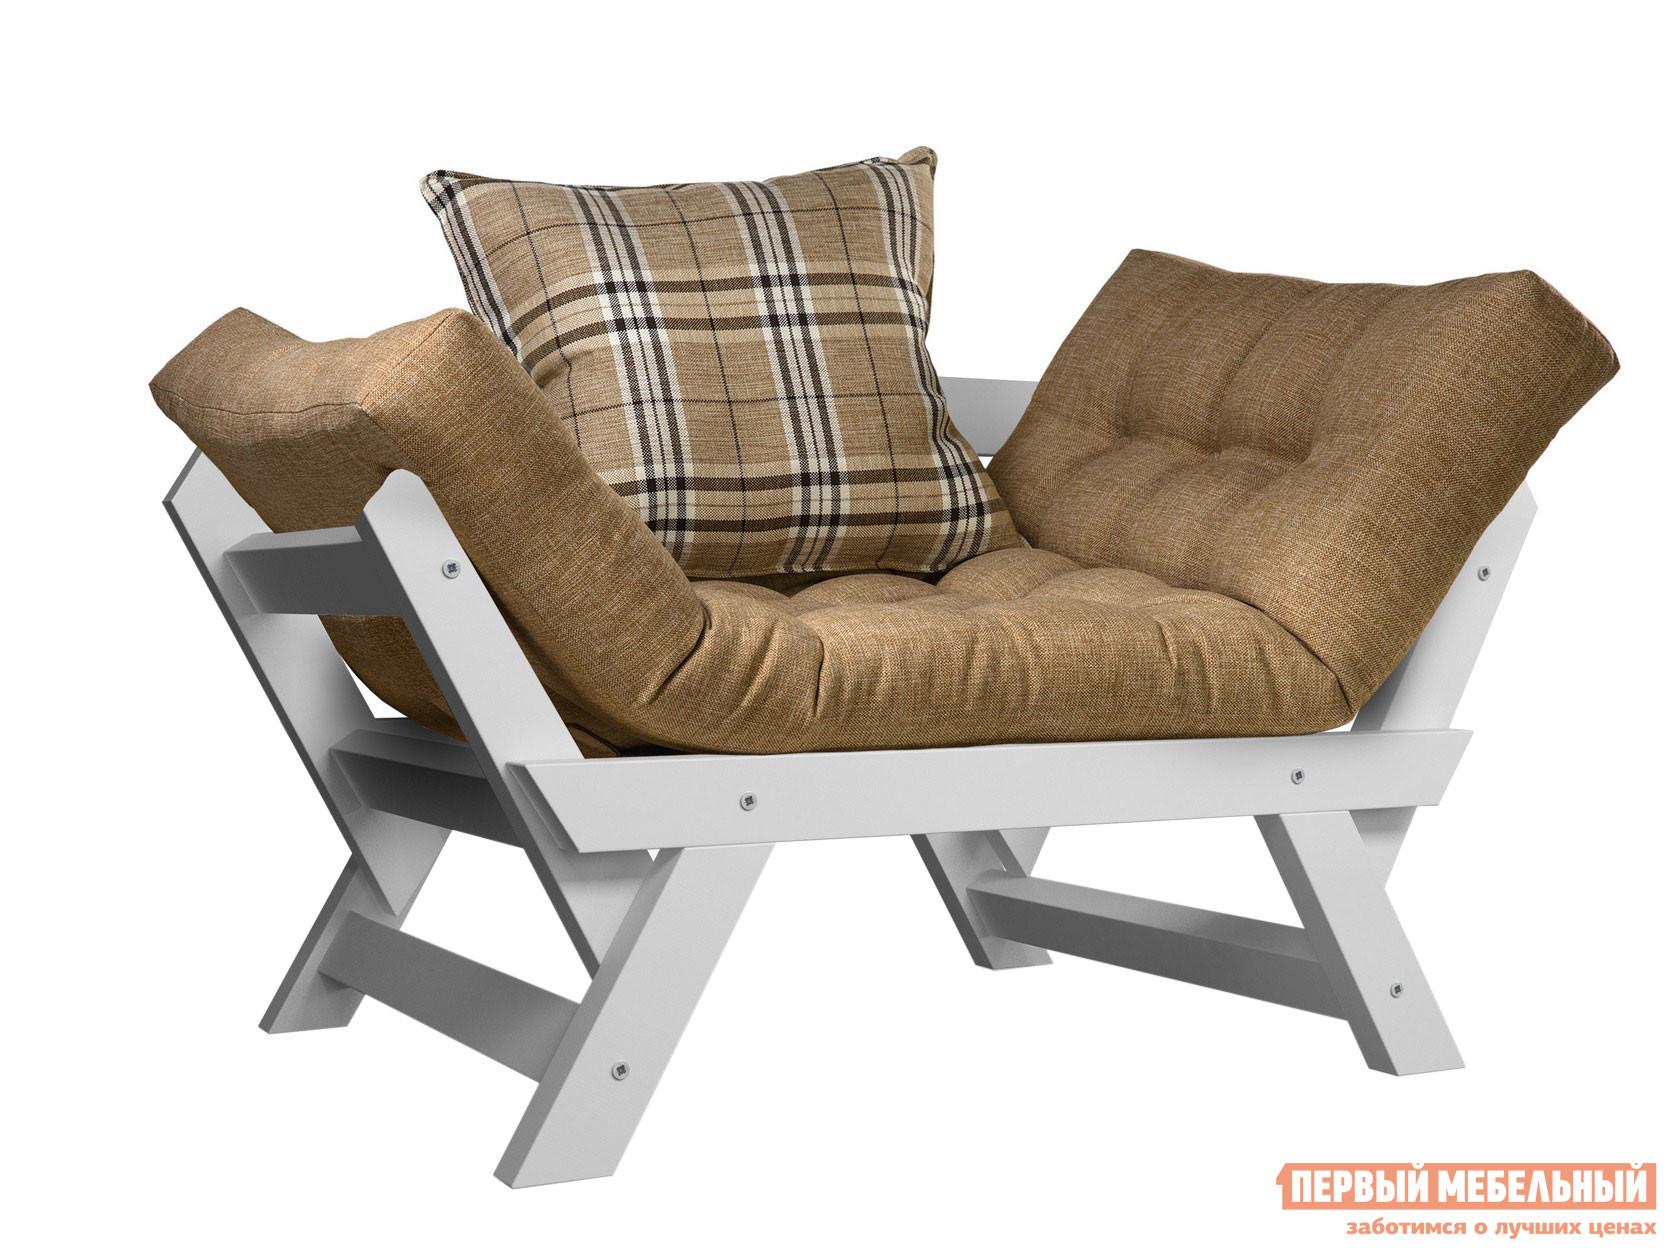 Кресло для дачи Первый Мебельный Отман